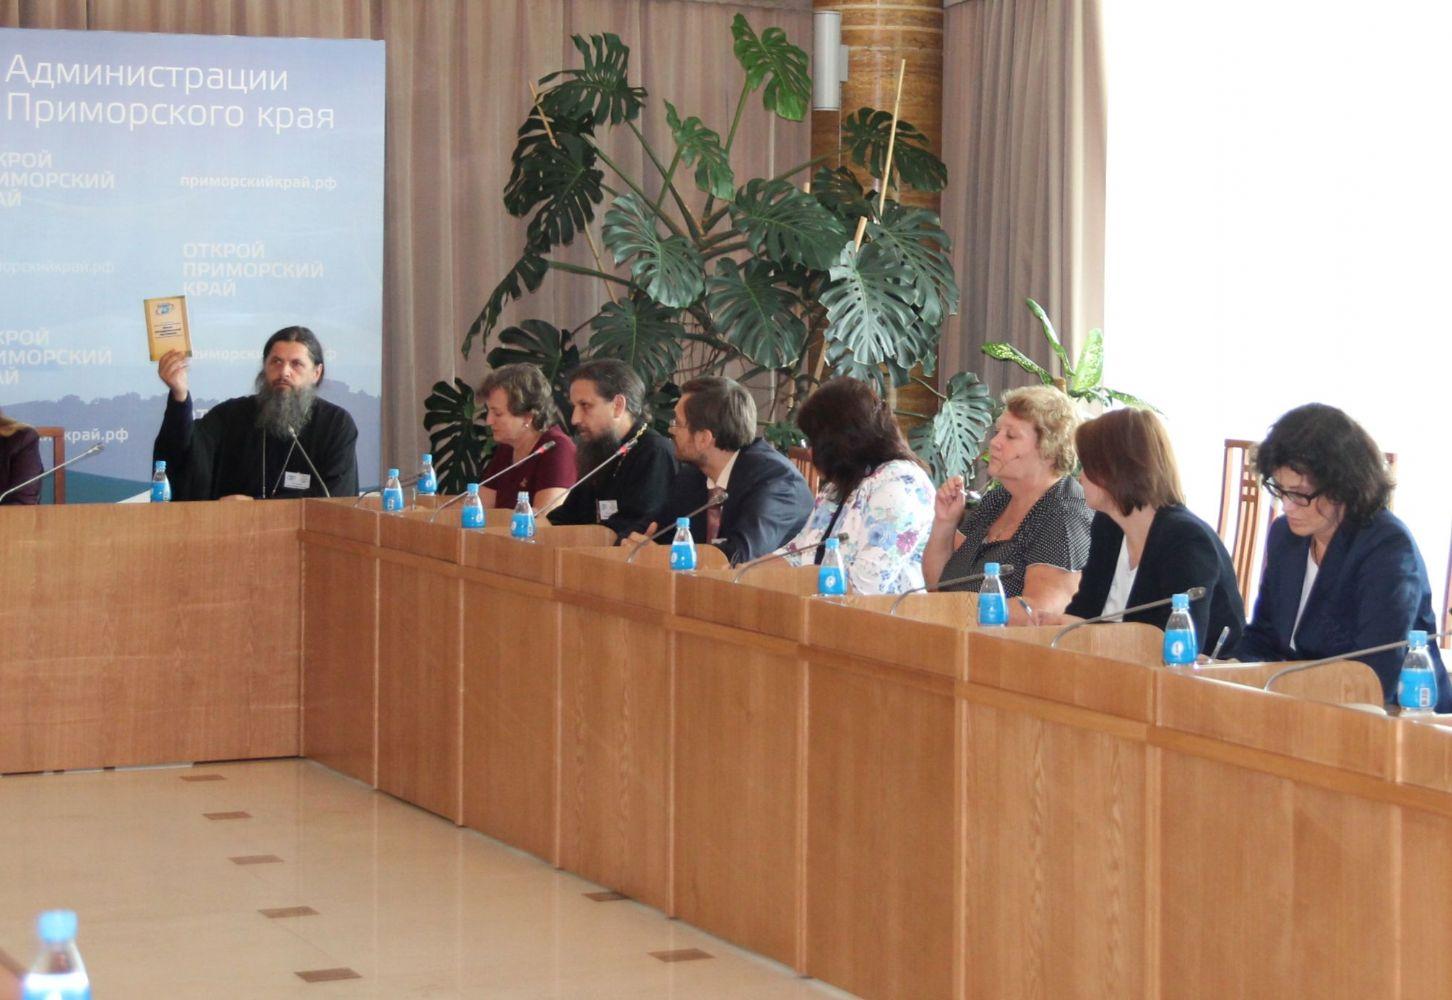 Участники круглого стола в администрации Приморского края